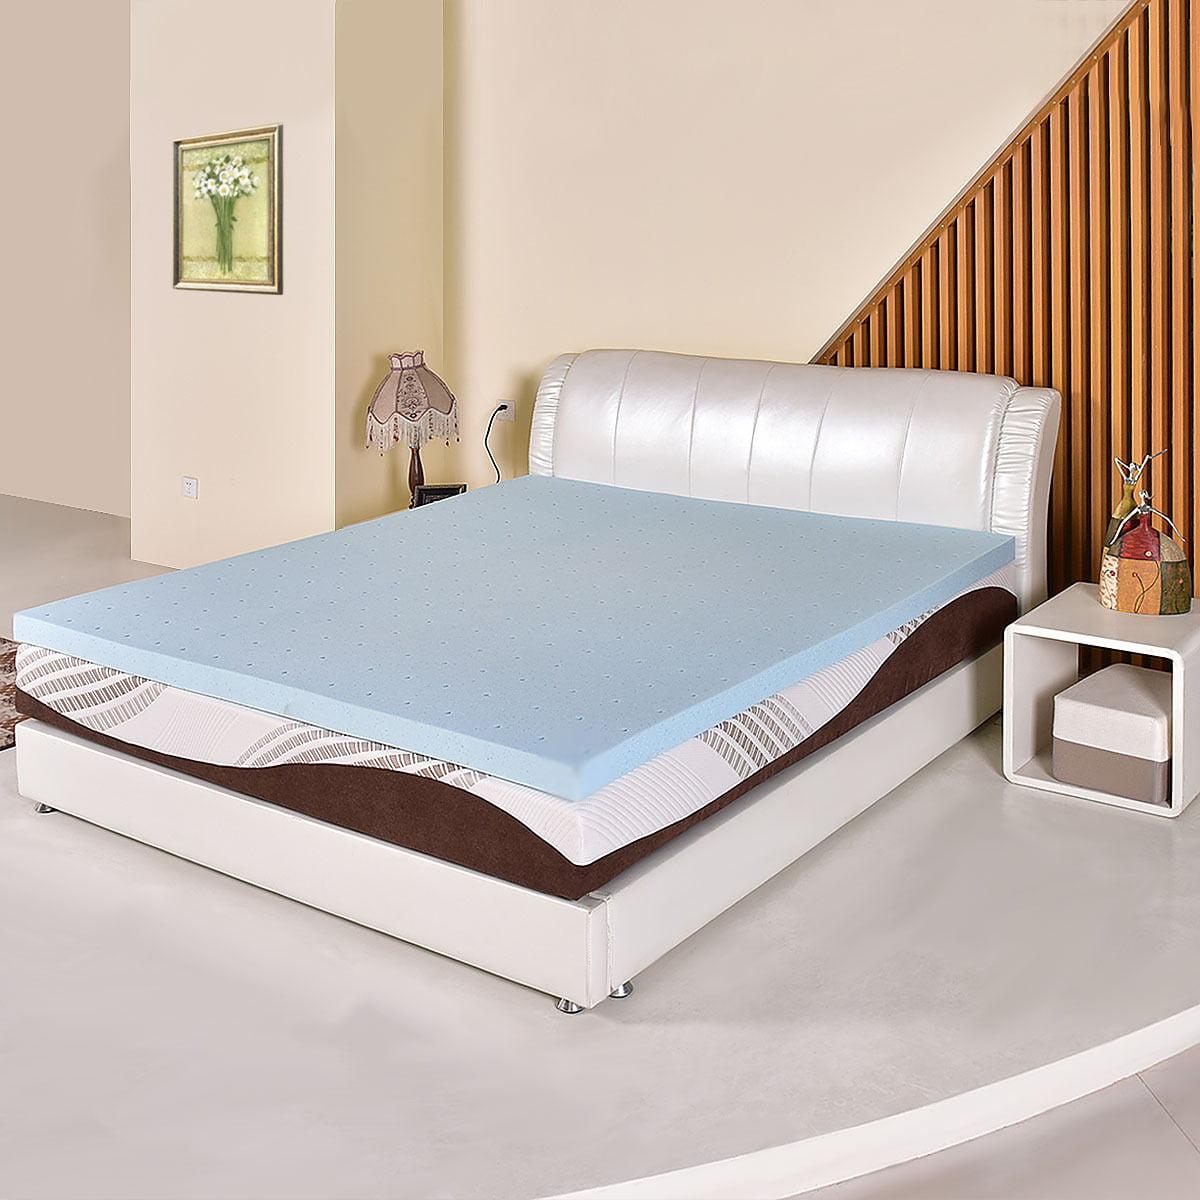 Costway 3 Gel Memory Foam Mattress California King Size Bed